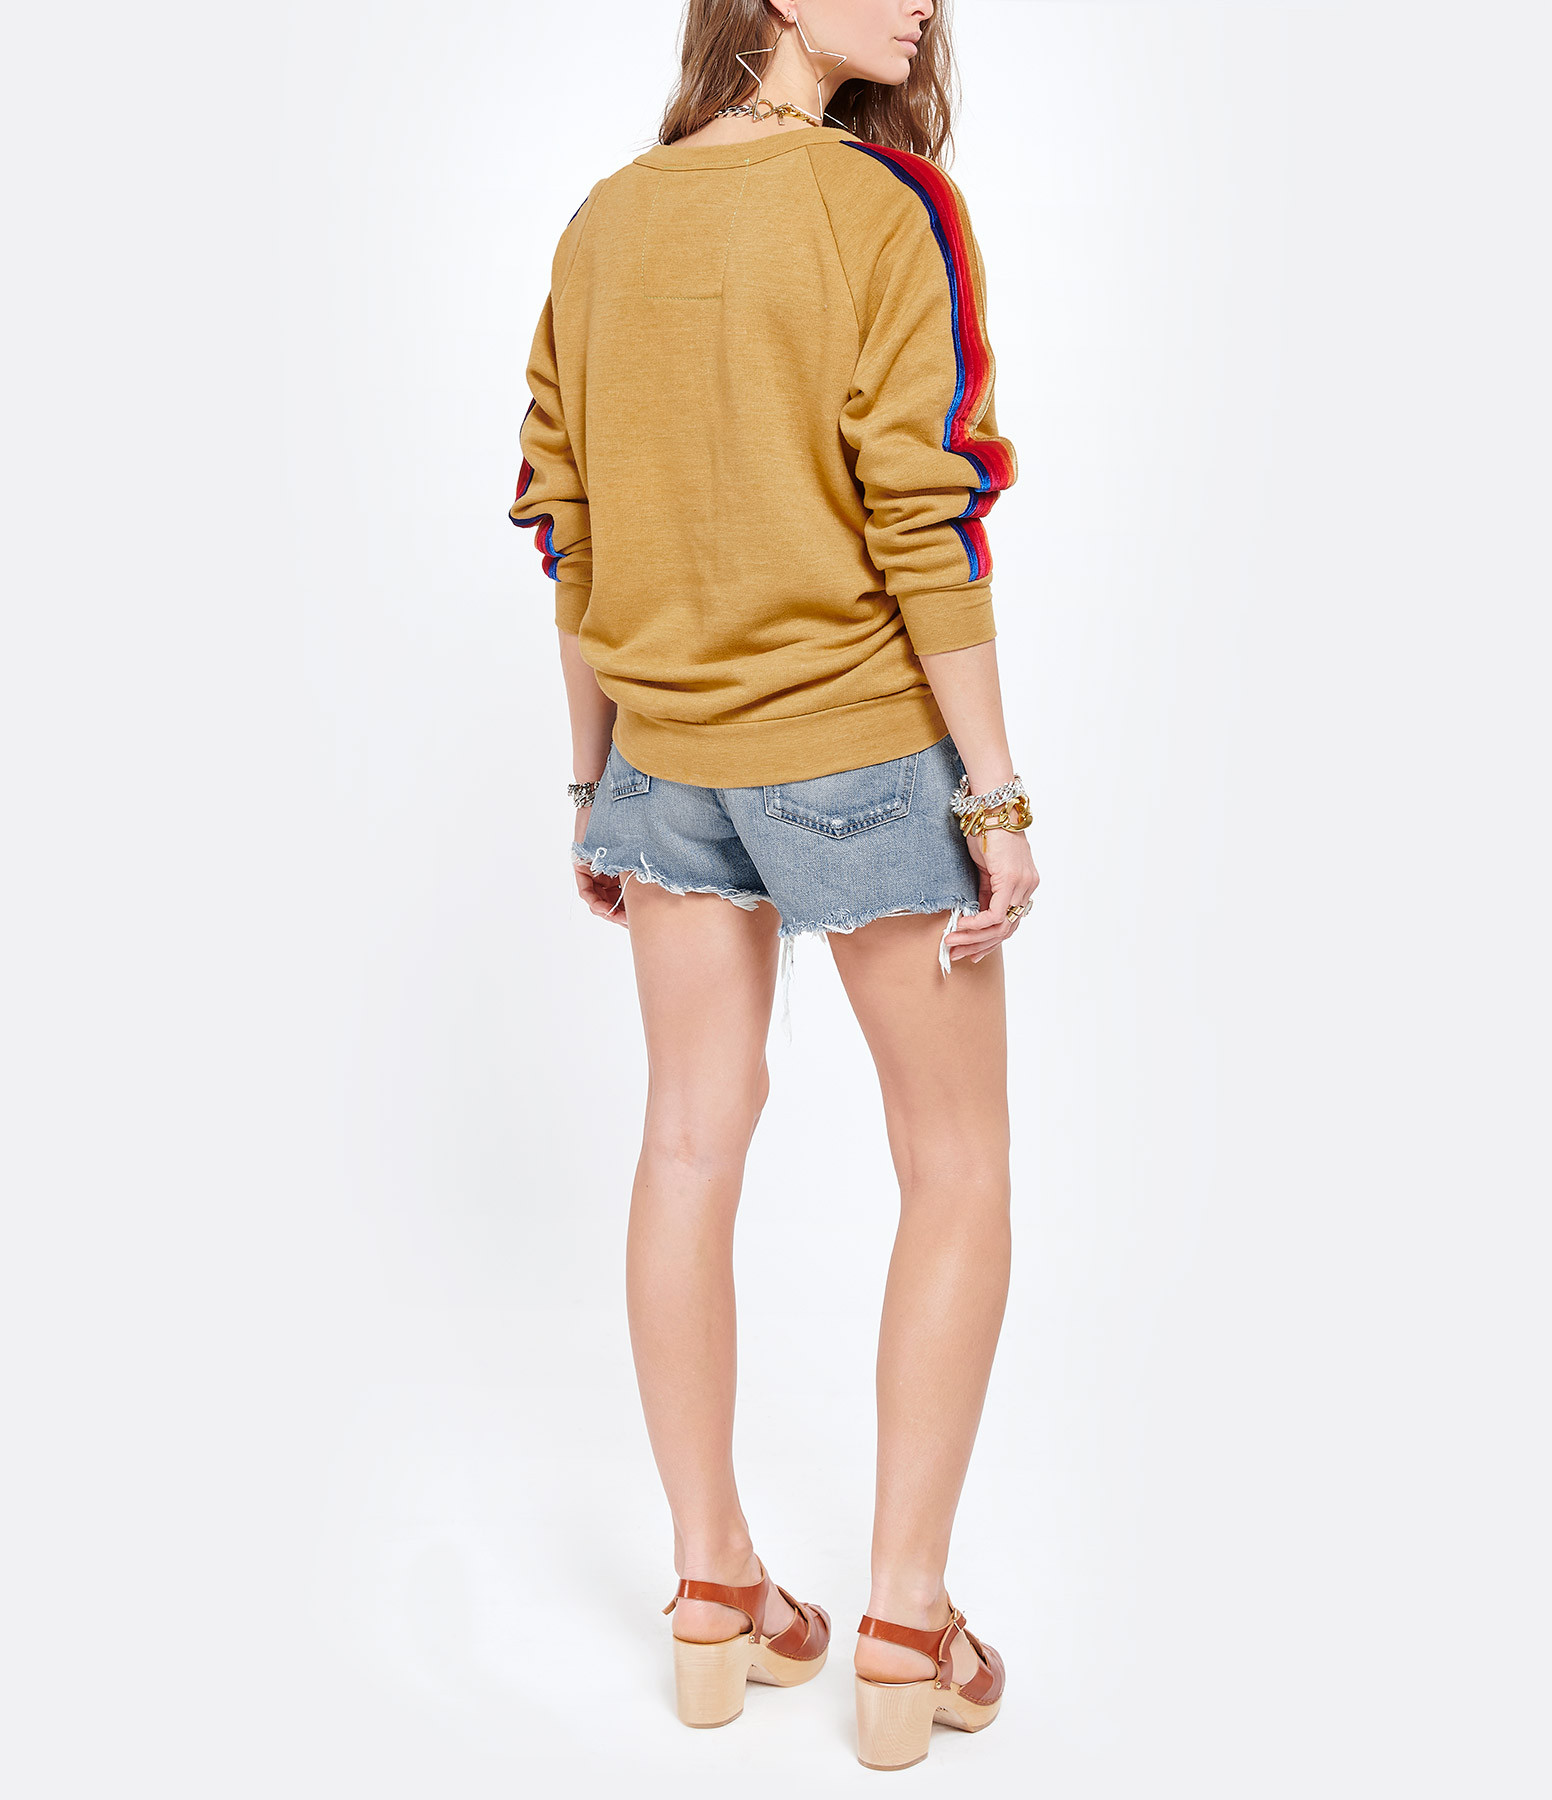 AVIATOR NATION - Sweatshirt Classic Rayures Velours Kaki